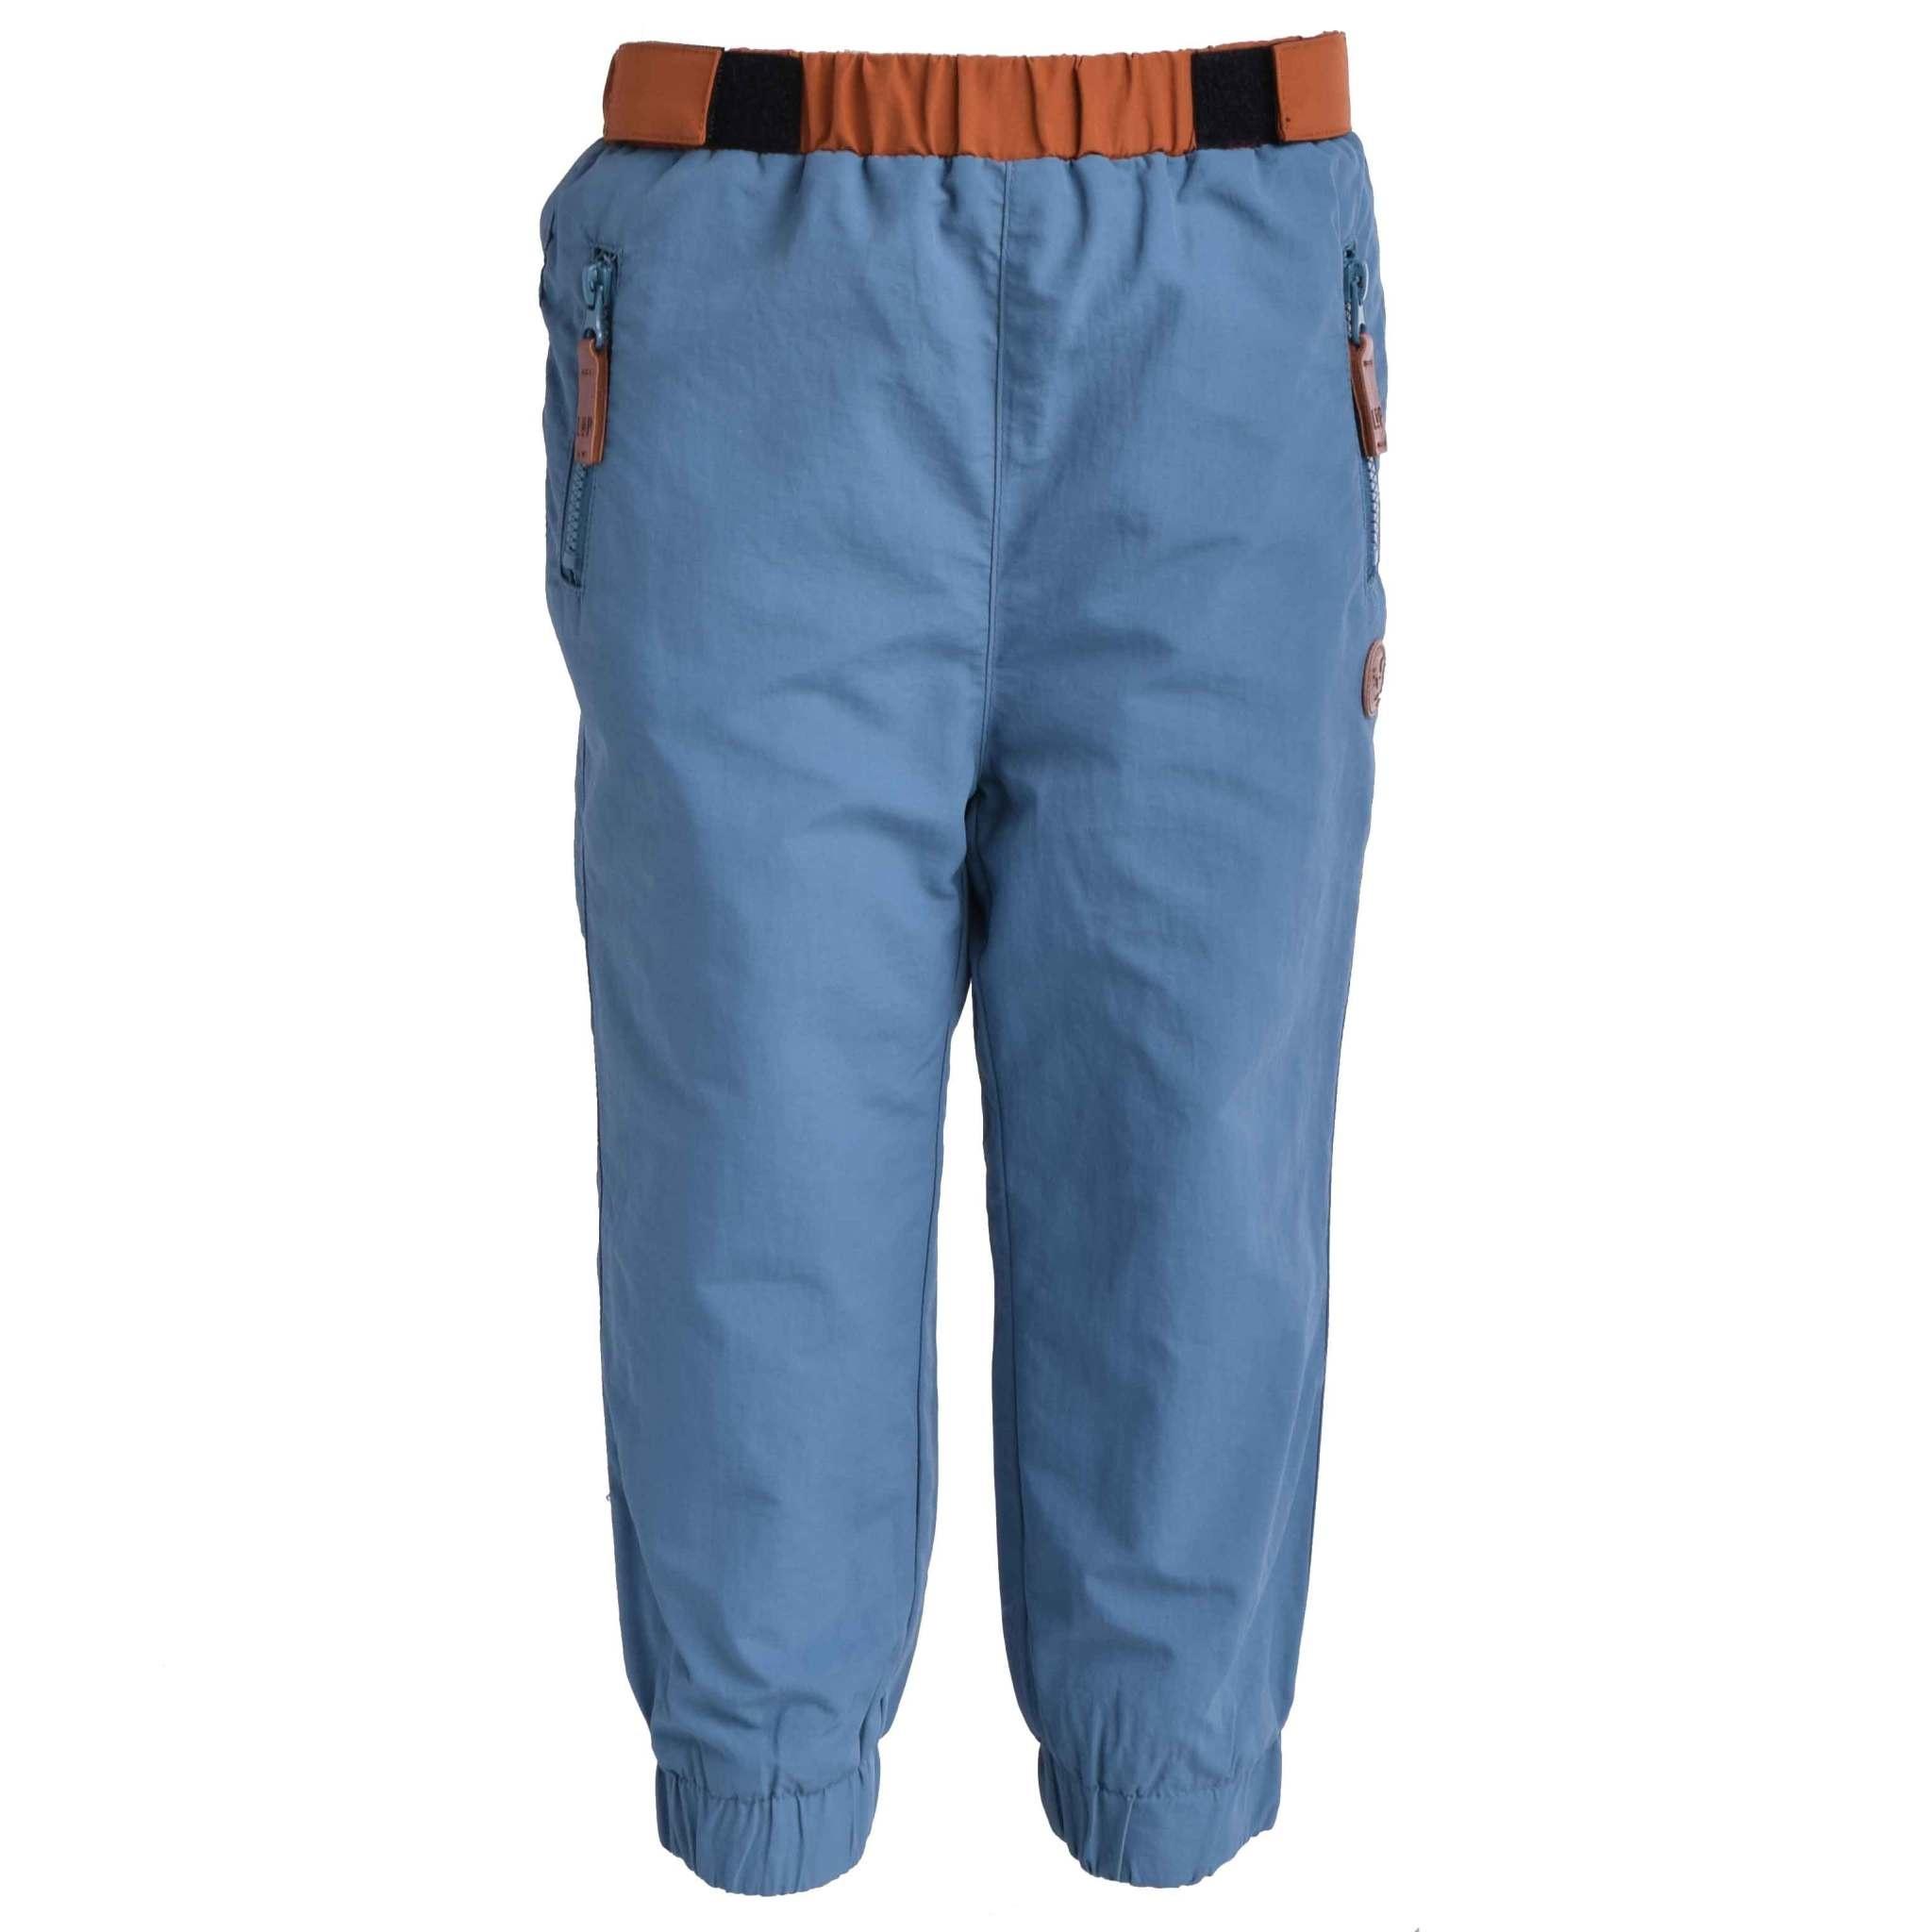 Pantalon D'Extérieur doublé Polar - TWENTY TWO 1.0-3